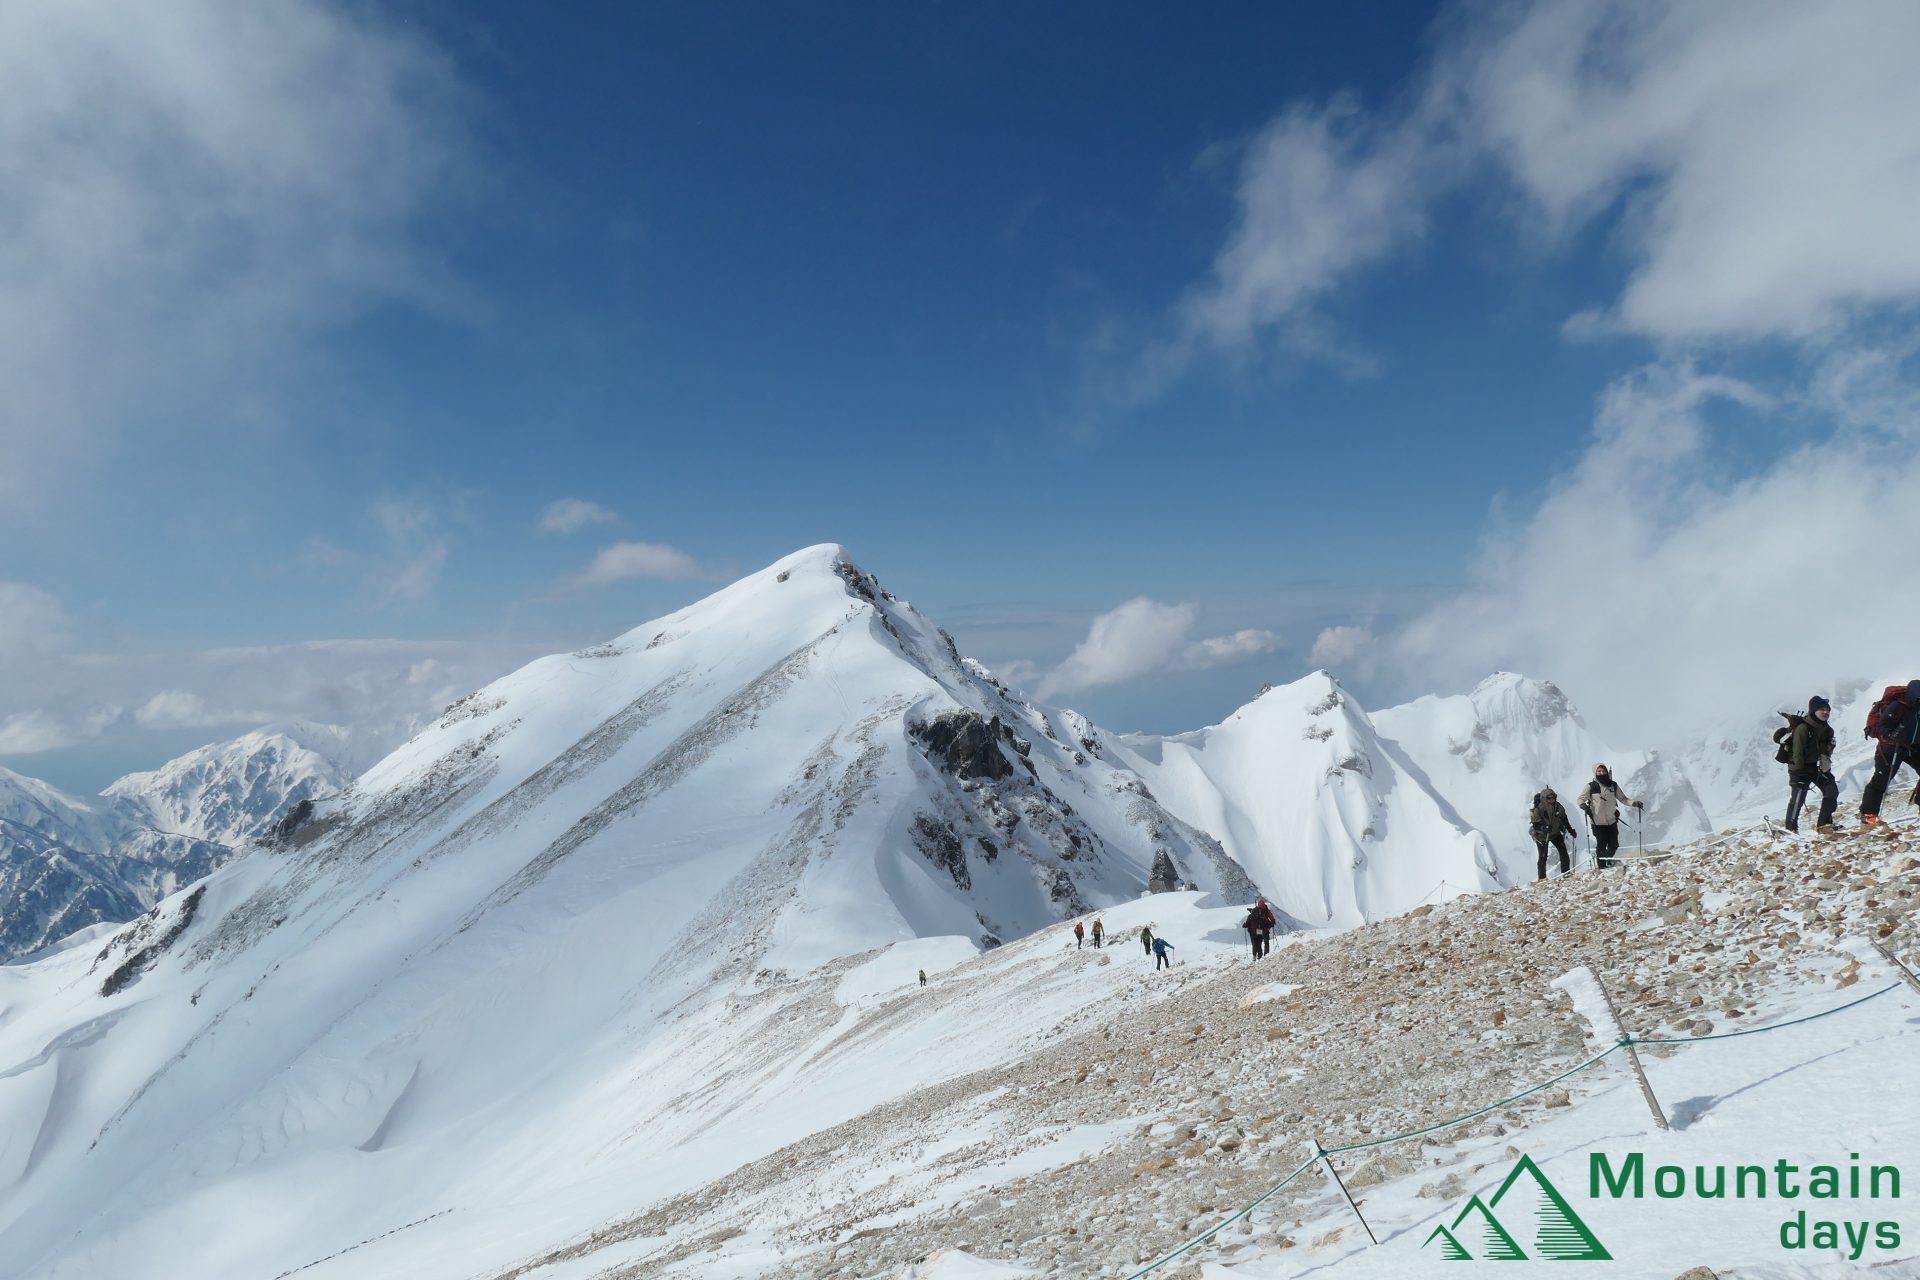 雪山登山1年目のまりちゃん。雪の唐松岳に挑みます!どんな山旅だったのかぜひご覧ください。